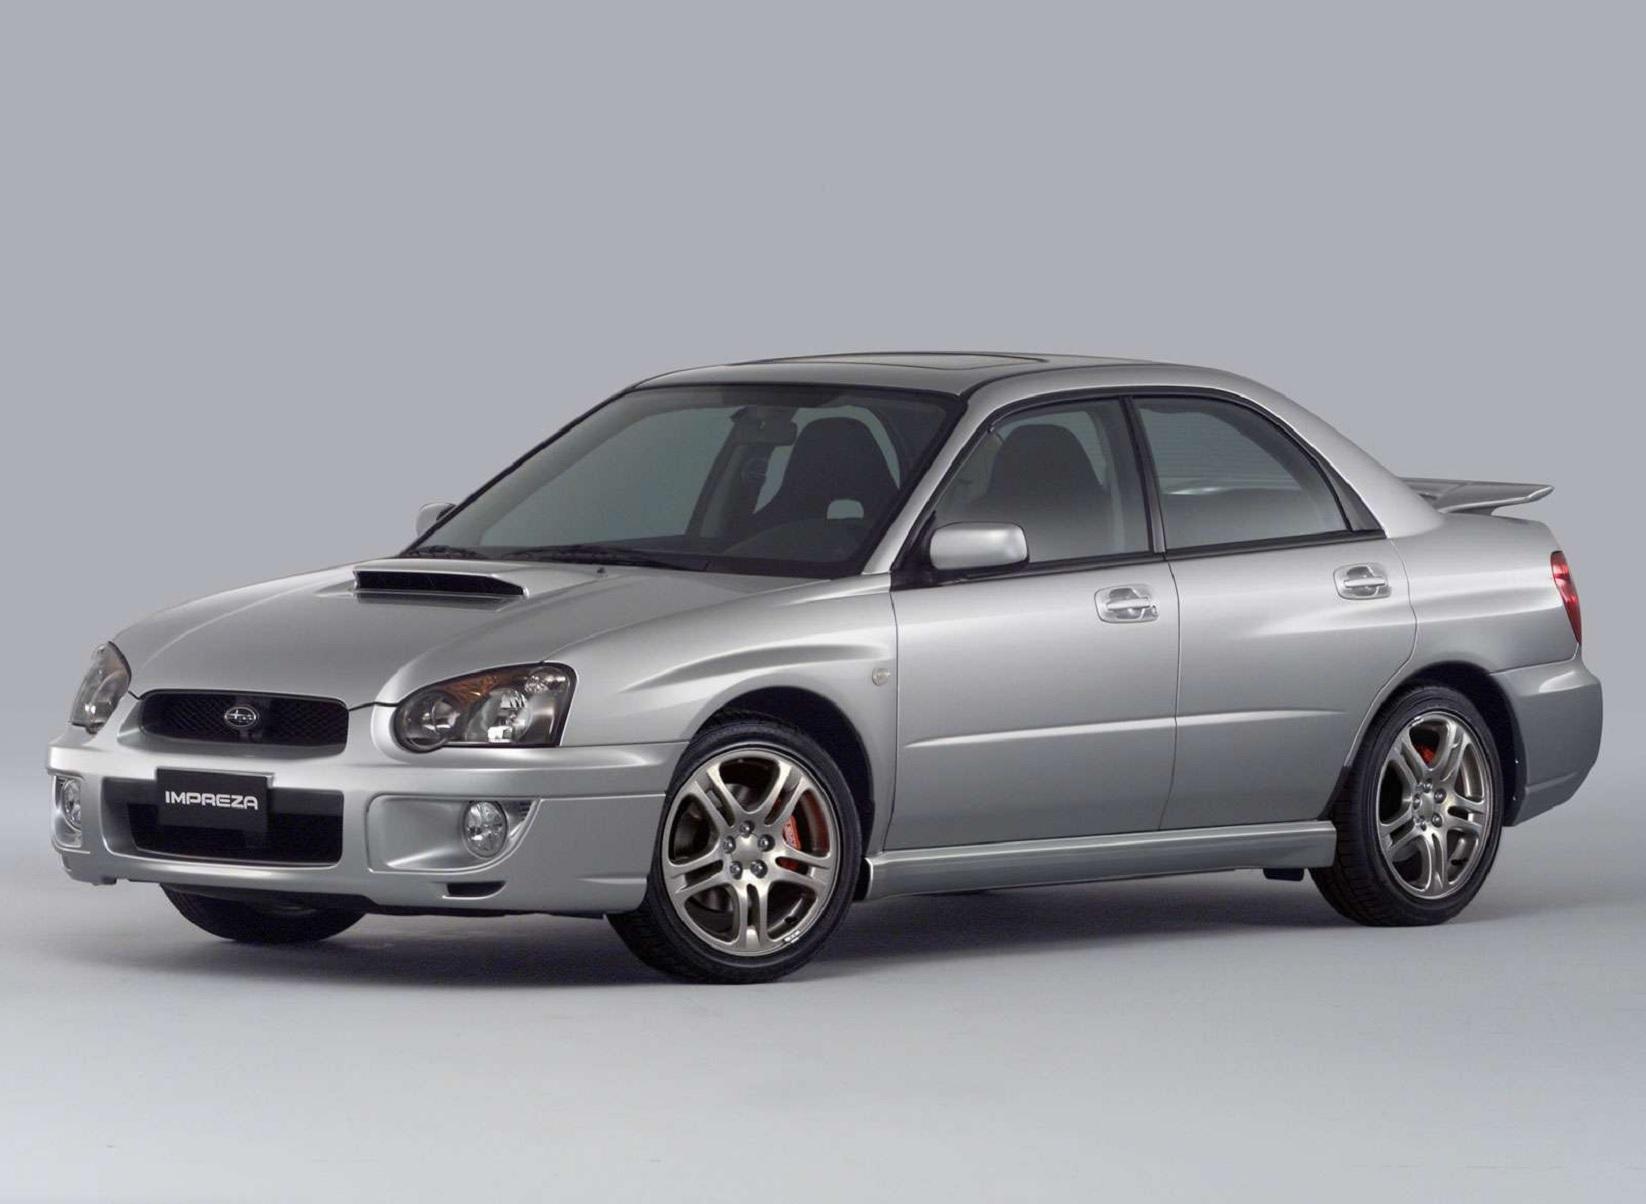 a silver 2004 Subaru Impreza WRX